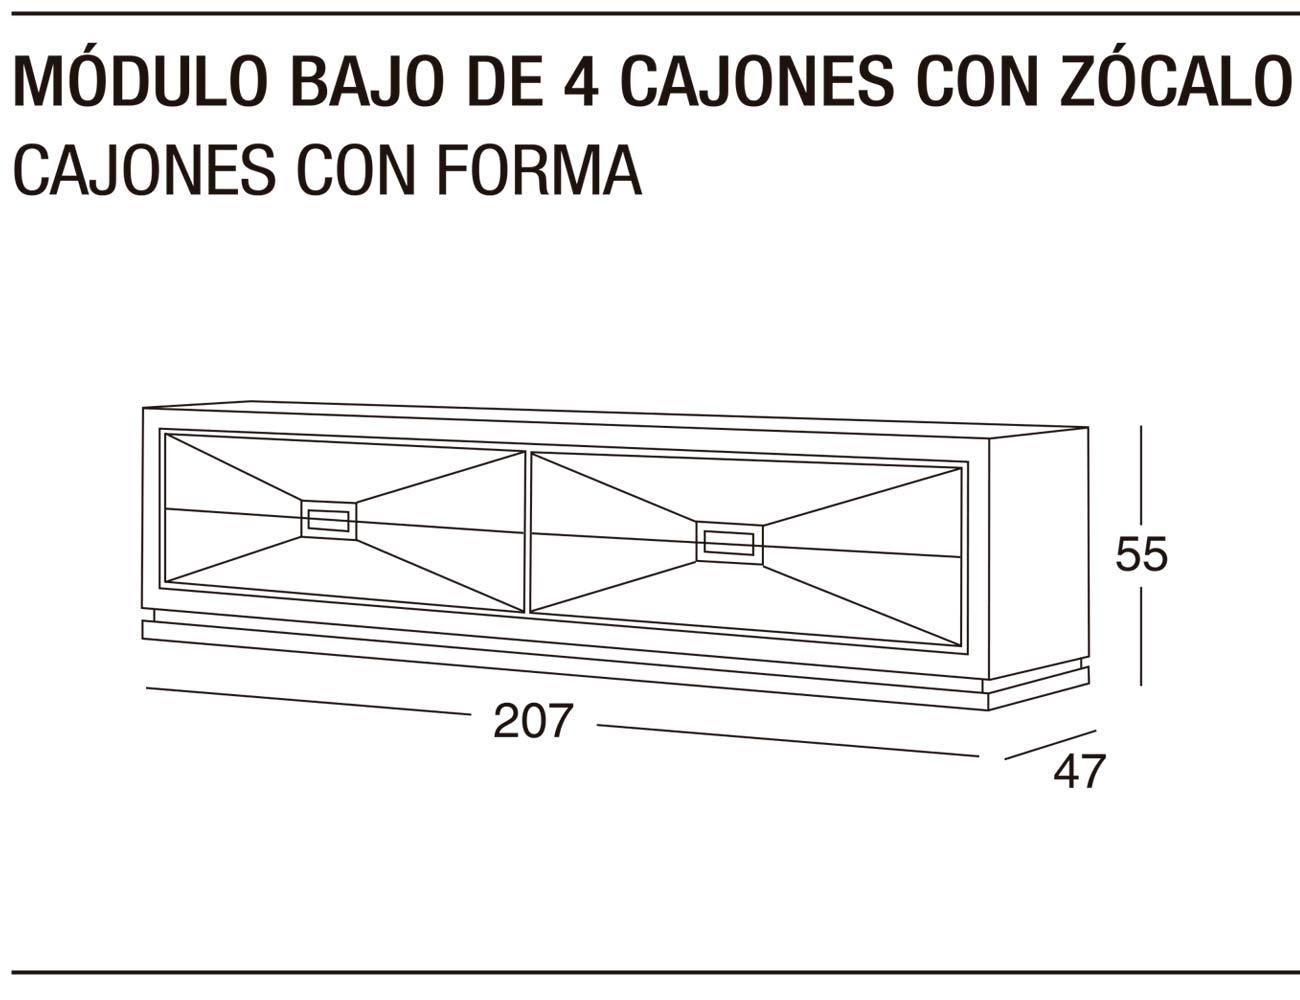 Modulo bajo 4c z forma 207x55x47